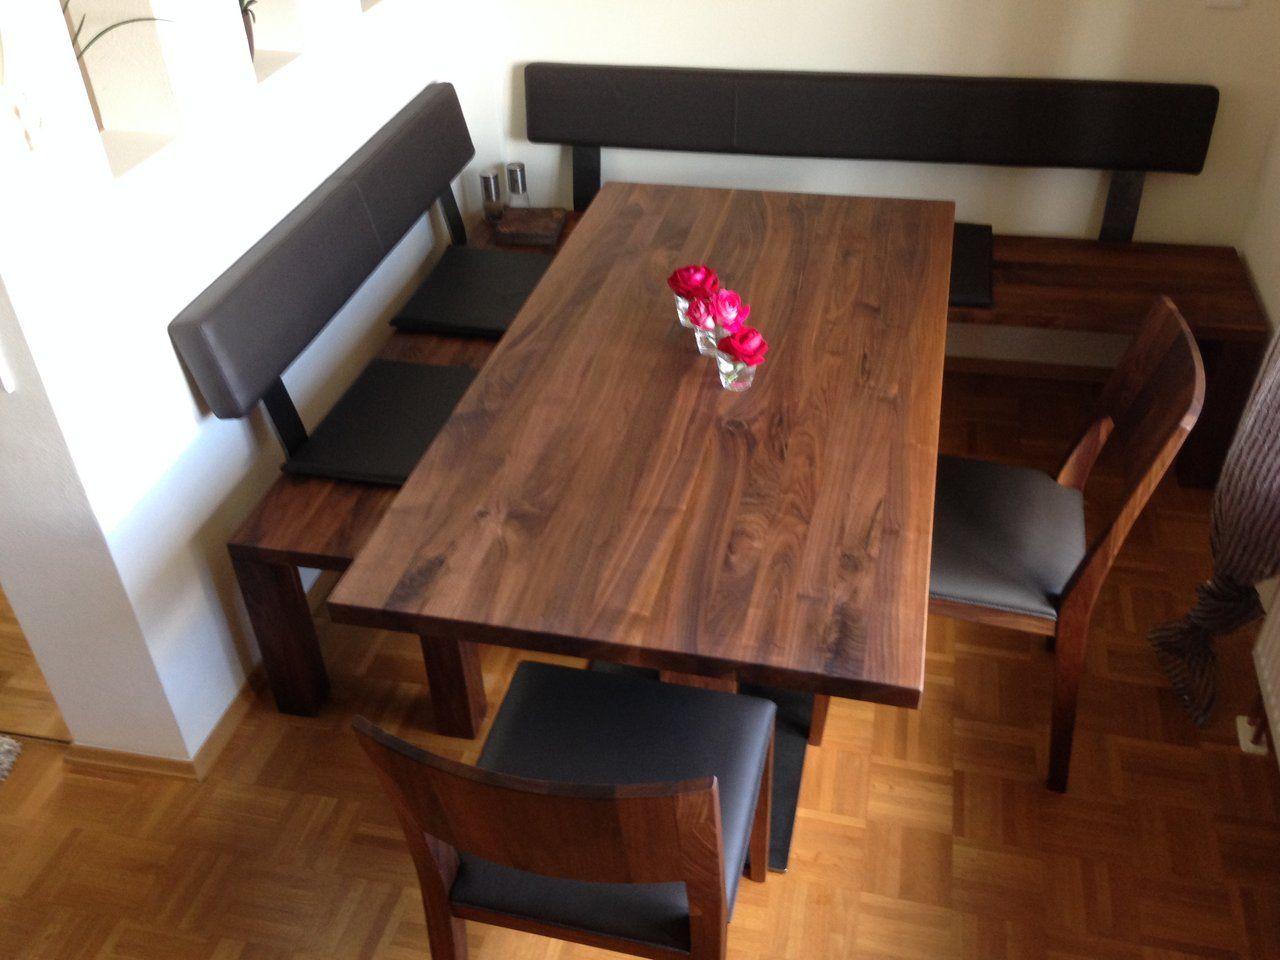 amerikanischer nussbaum massiv eckbank tisch und st hle mit schwarzen lederpolstern. Black Bedroom Furniture Sets. Home Design Ideas